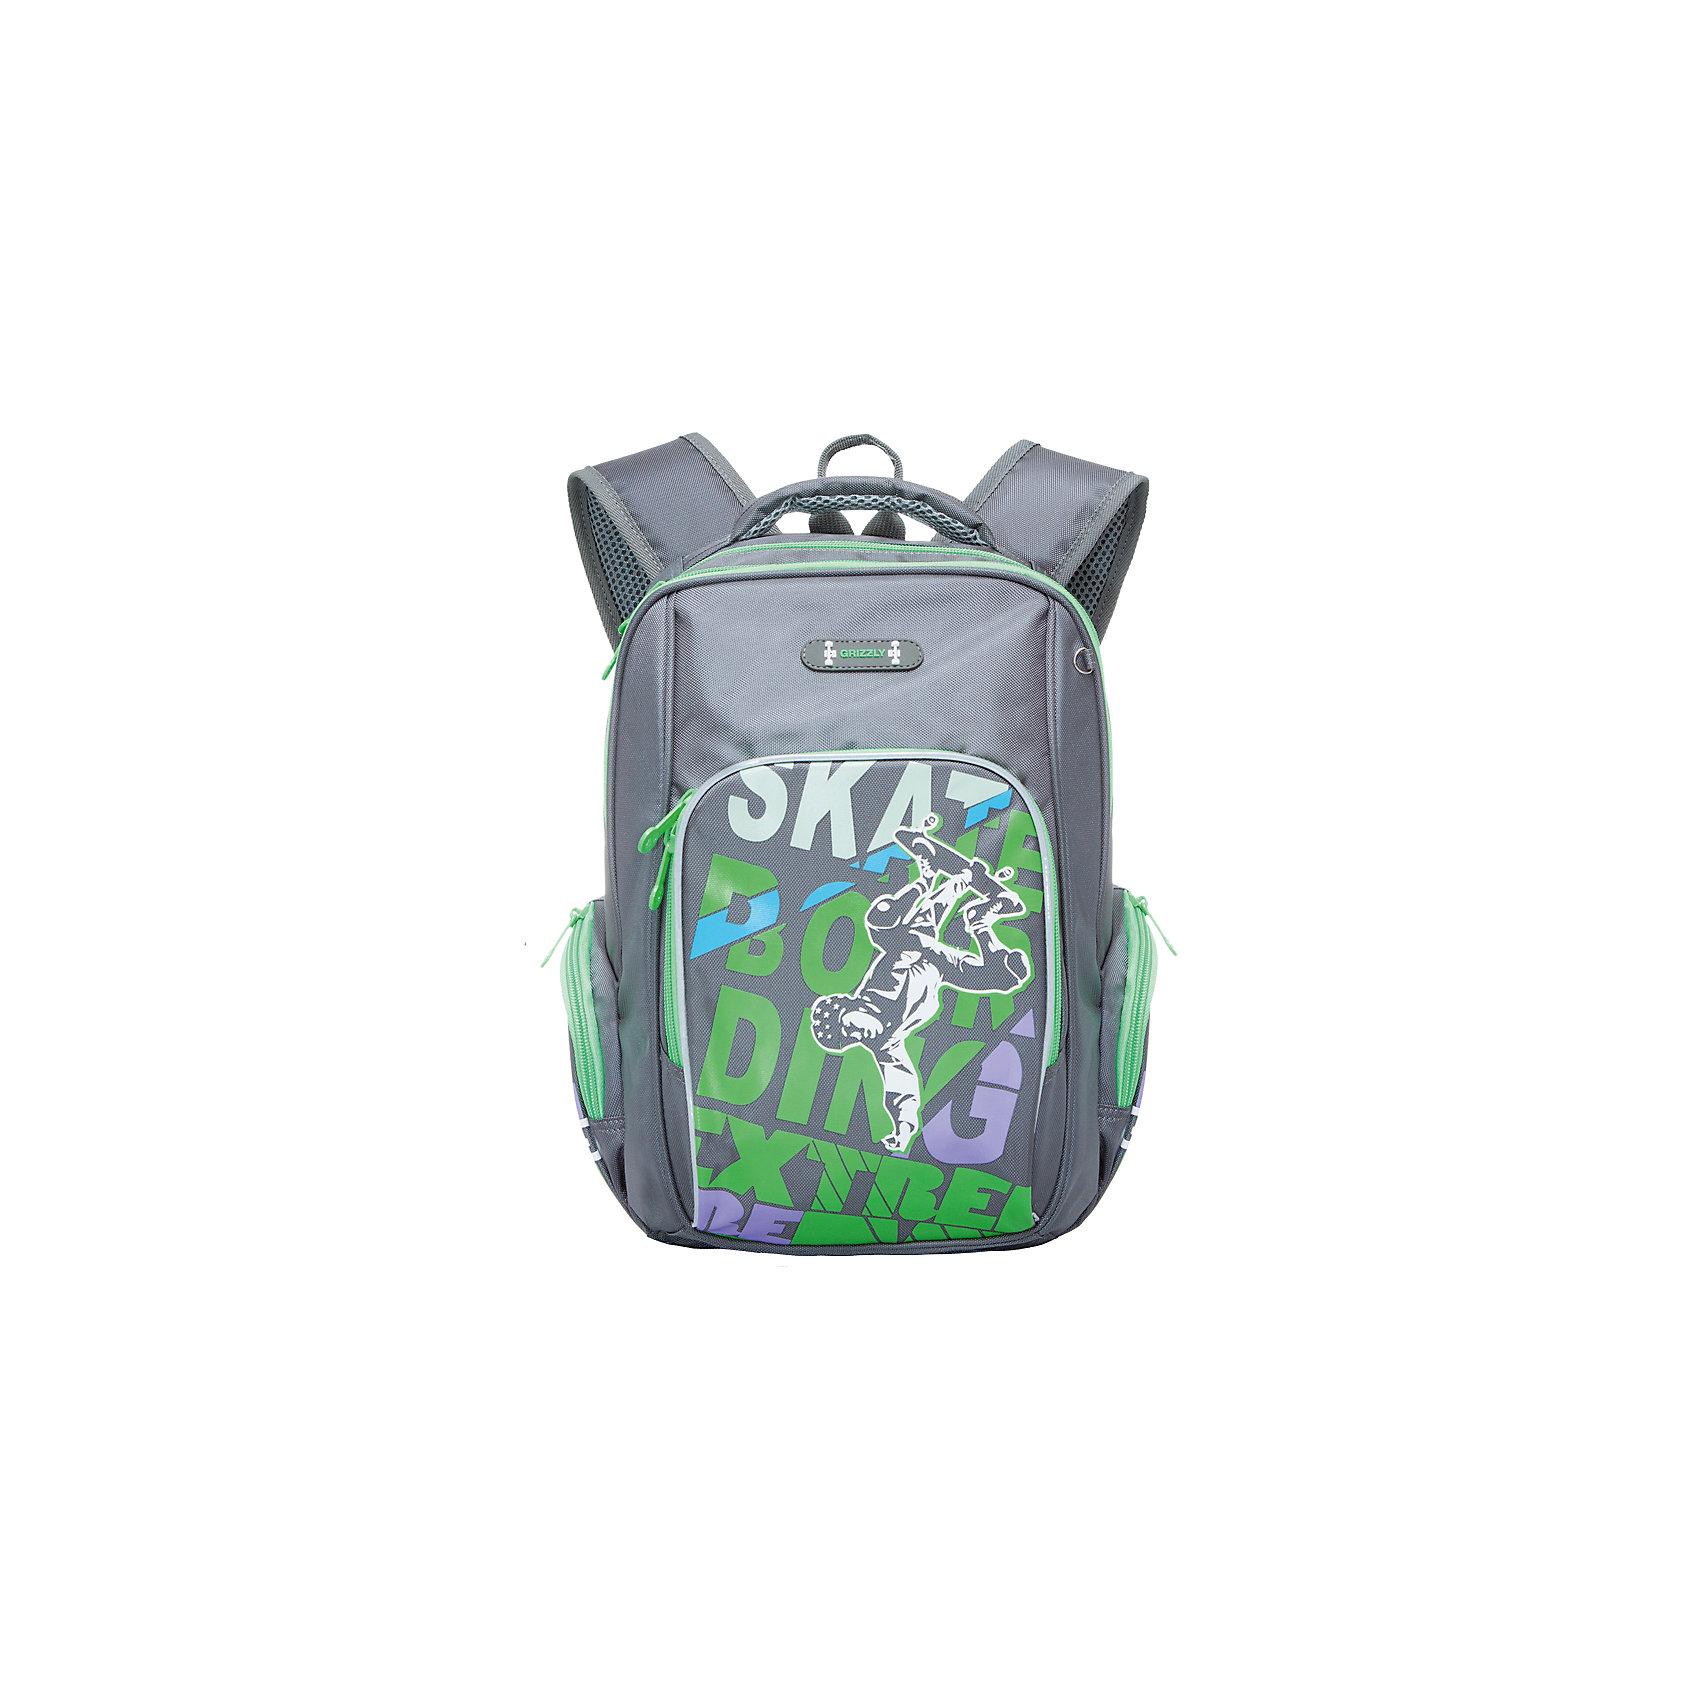 Рюкзак школьный Grizzly, серый - салатовыйРюкзаки<br>Рюкзак школьный, два отделения, объемный карман на молнии на передней стенке, объемные боковые карманы на молнии, внутренний карман, жесткая анатомическая спинка, мягкая укрепленная ручка, укрепленные лямки, светоотражающие элементы с четырех сторон<br><br>Ширина мм: 270<br>Глубина мм: 190<br>Высота мм: 380<br>Вес г: 763<br>Возраст от месяцев: 72<br>Возраст до месяцев: 2147483647<br>Пол: Мужской<br>Возраст: Детский<br>SKU: 6939837